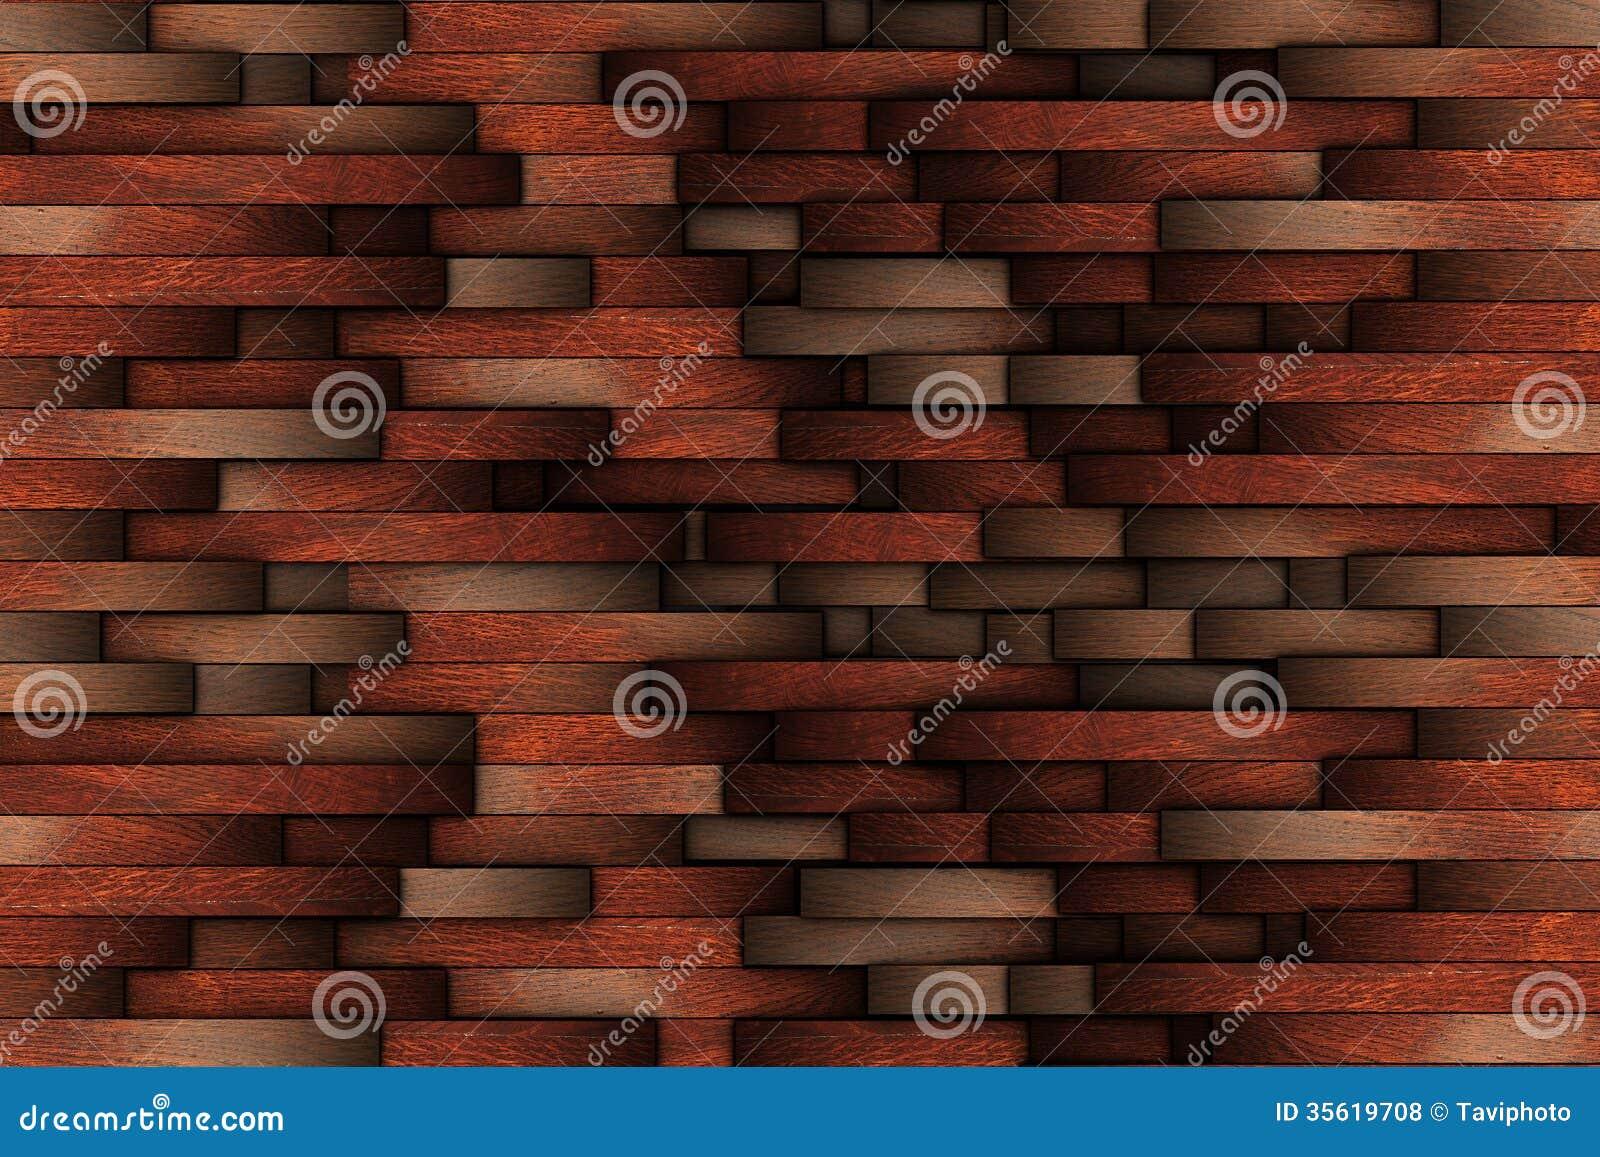 Mahogany abstract wooden wall design royalty free stock Wood wall design